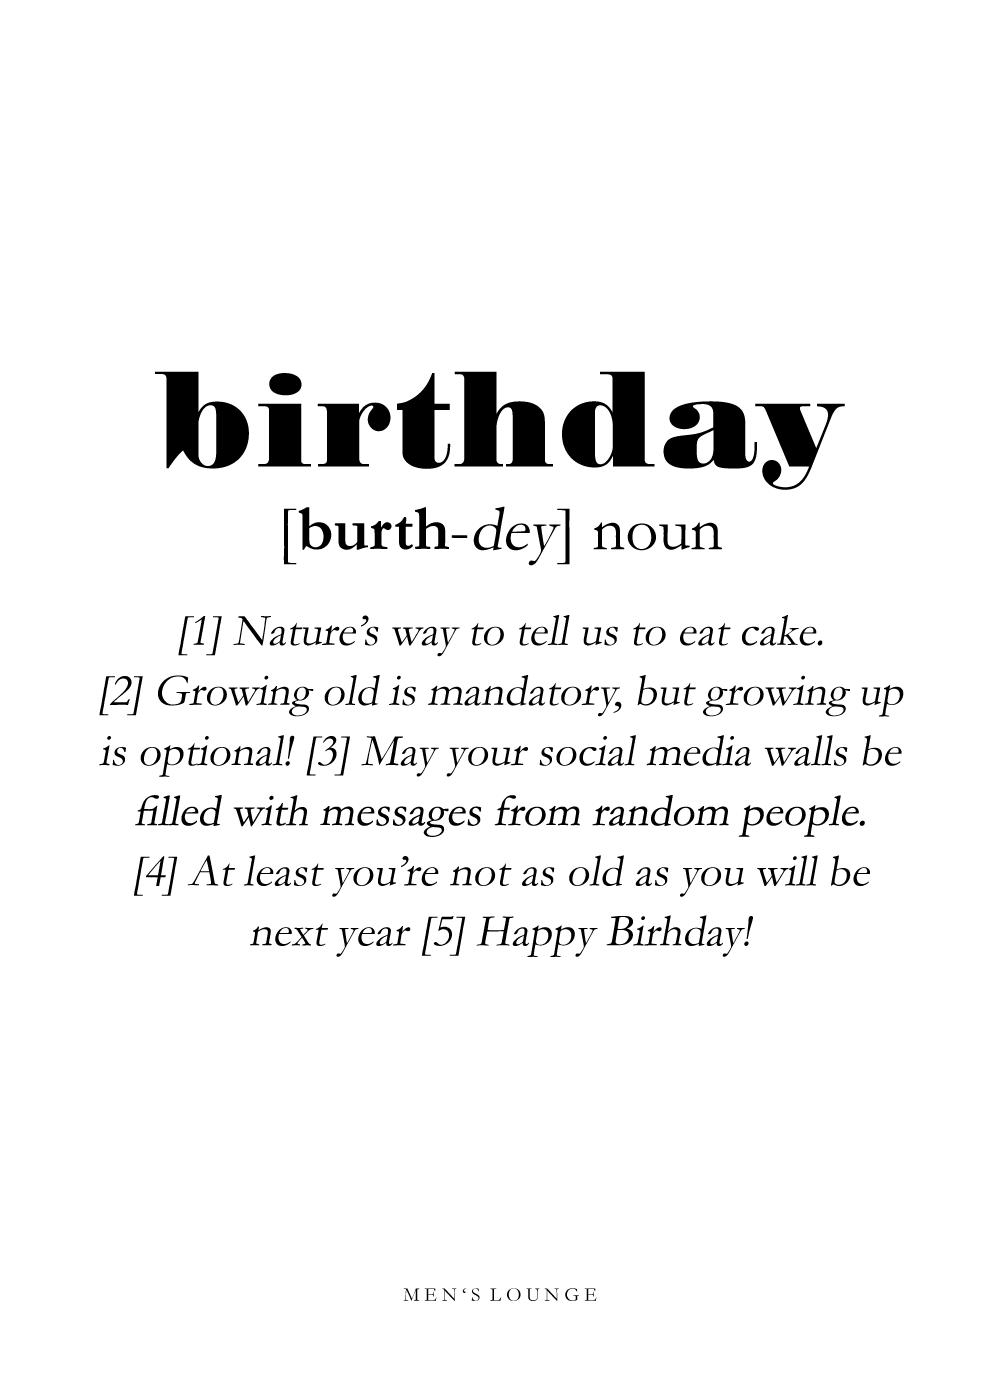 Billede af Birthday definition - Men's Lounge plakat